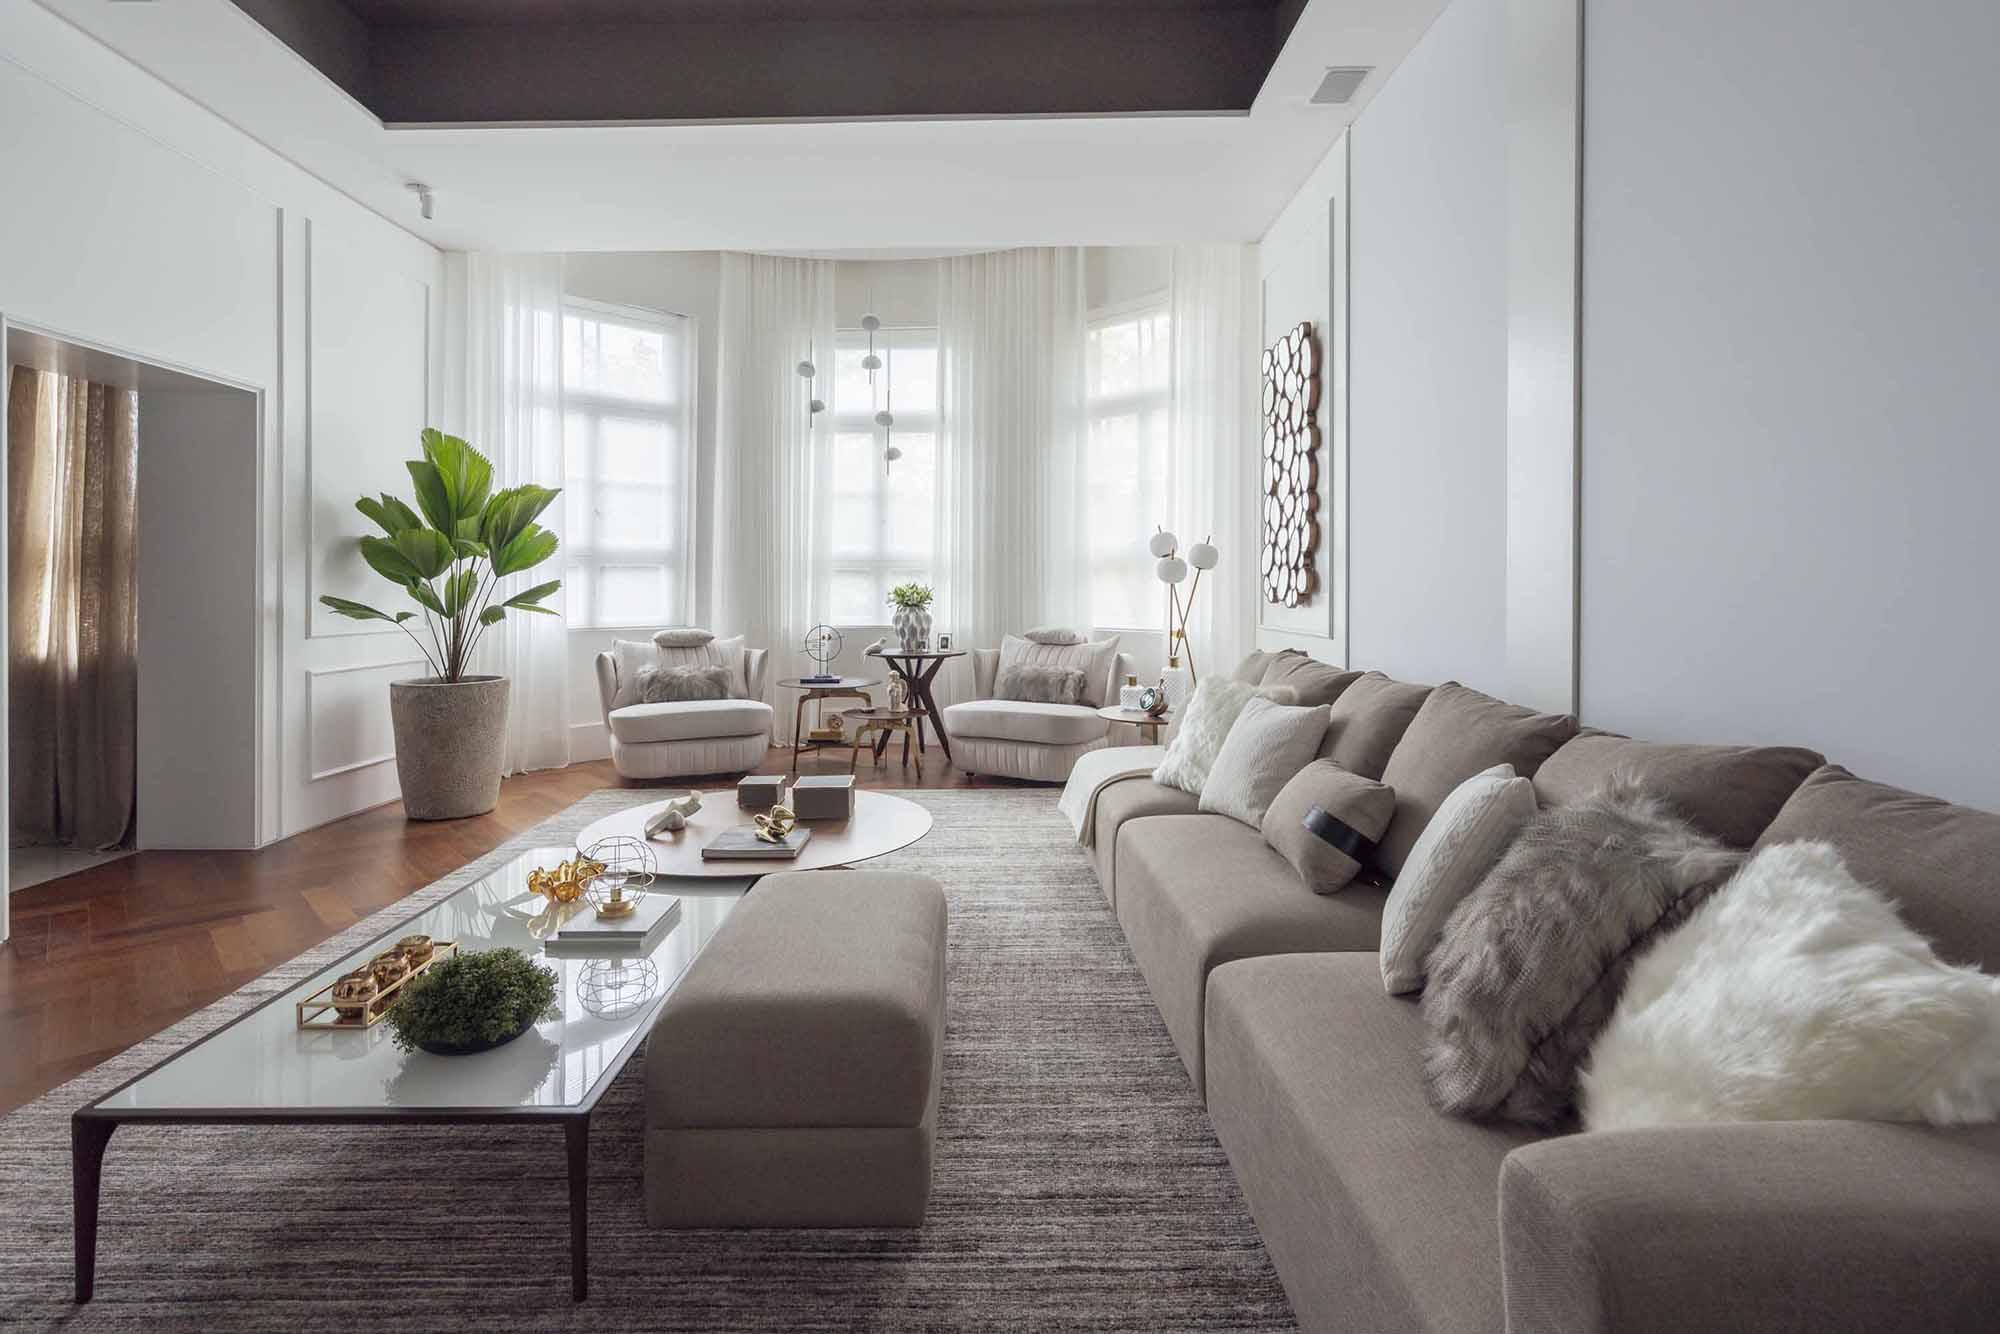 casacor rio grande do sul; sala de estar; 2019